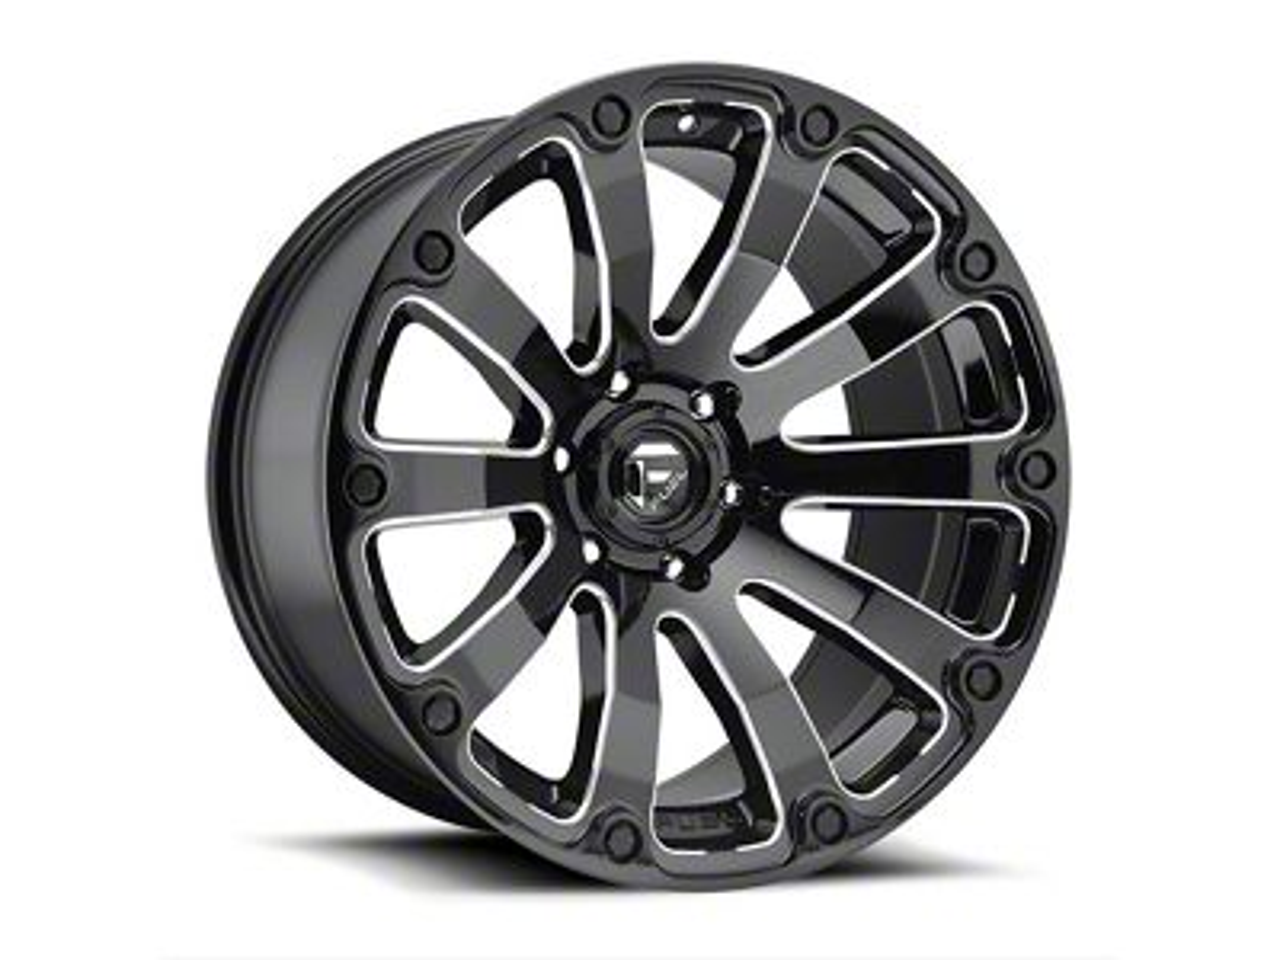 Fuel Wheels Diesel Gloss Black Milled 5-Lug Wheel - 20x9 (02-18 RAM 1500, Excluding Mega Cab)